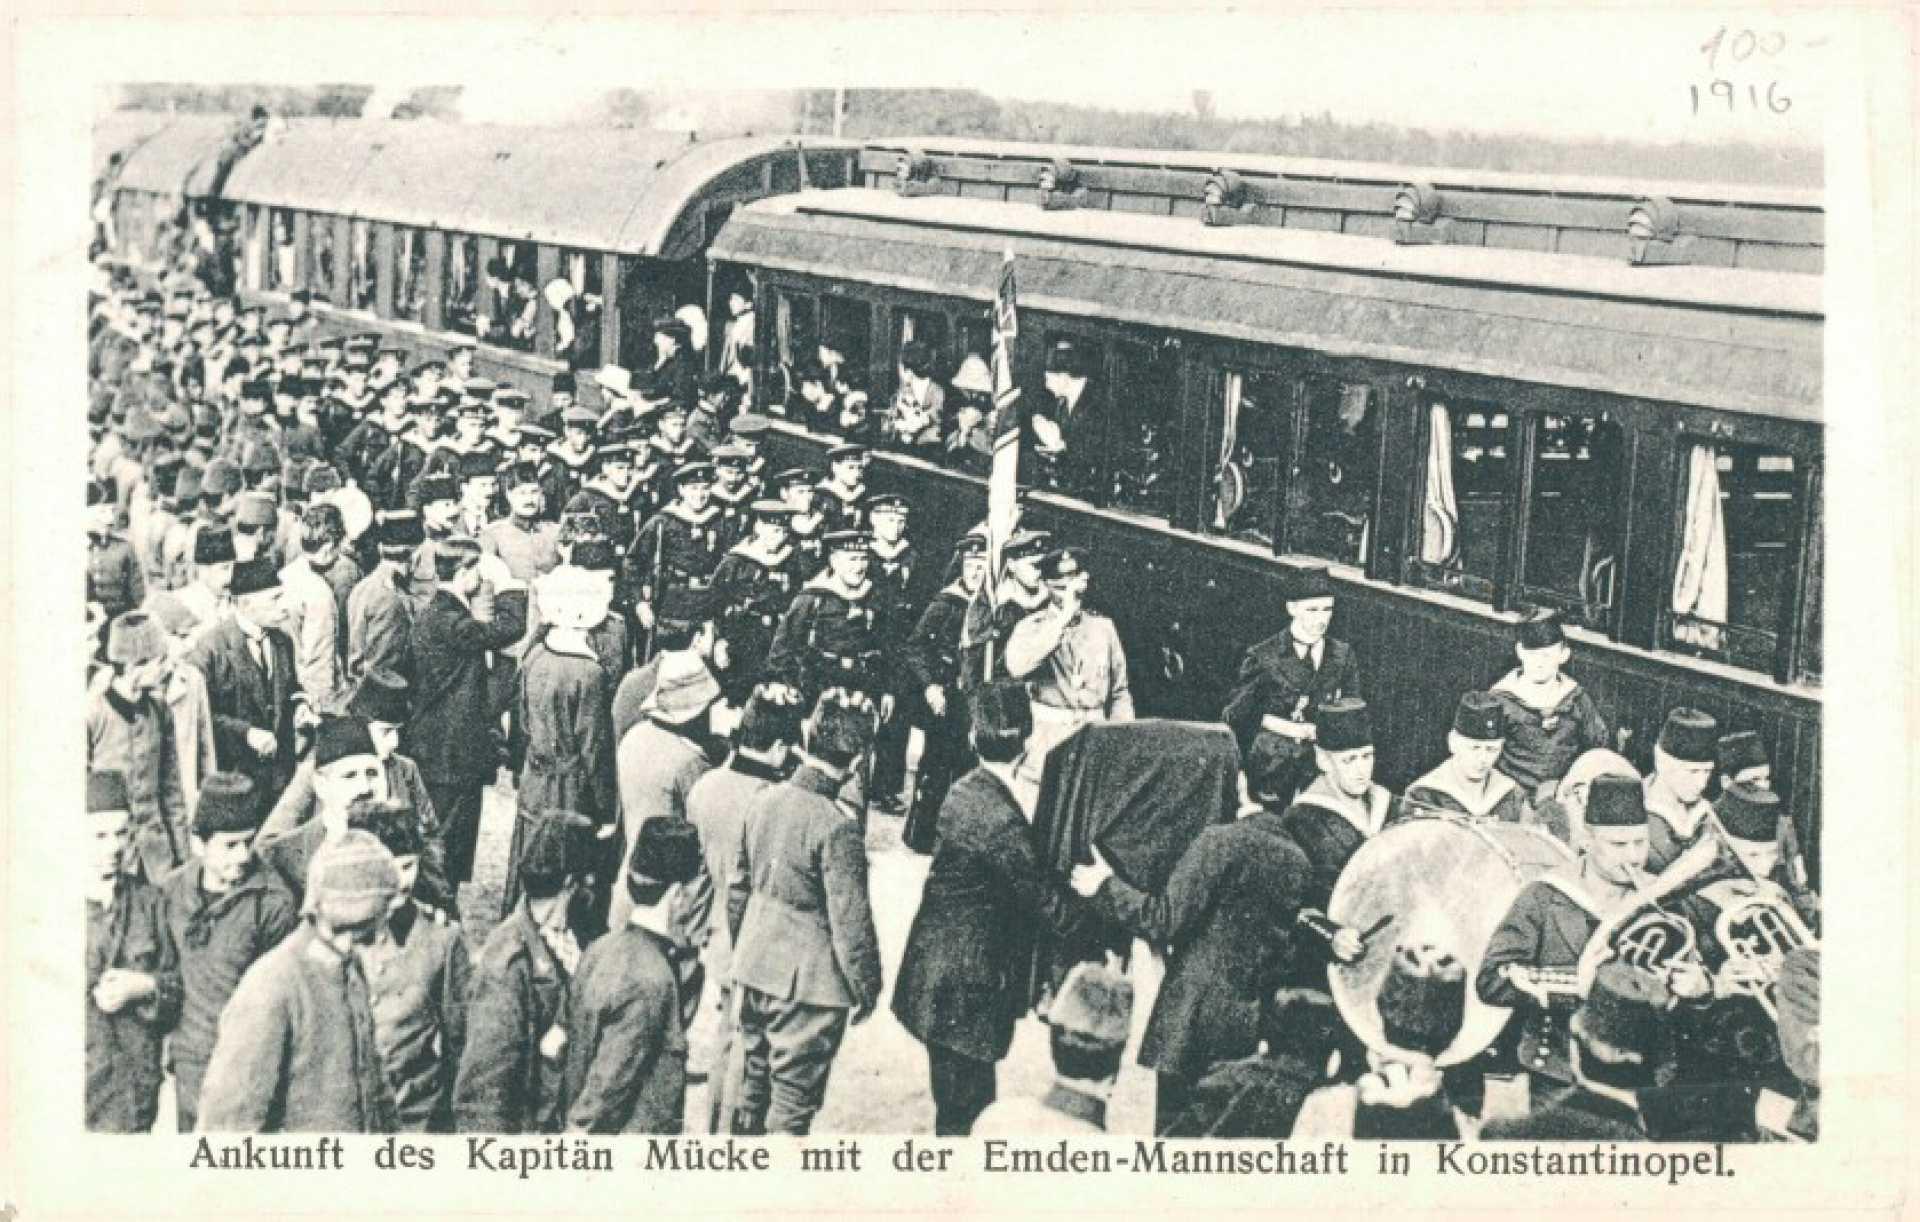 Ankunft des Kapitan Mücke mit der Emden-Mannschaft in Konstatinopel